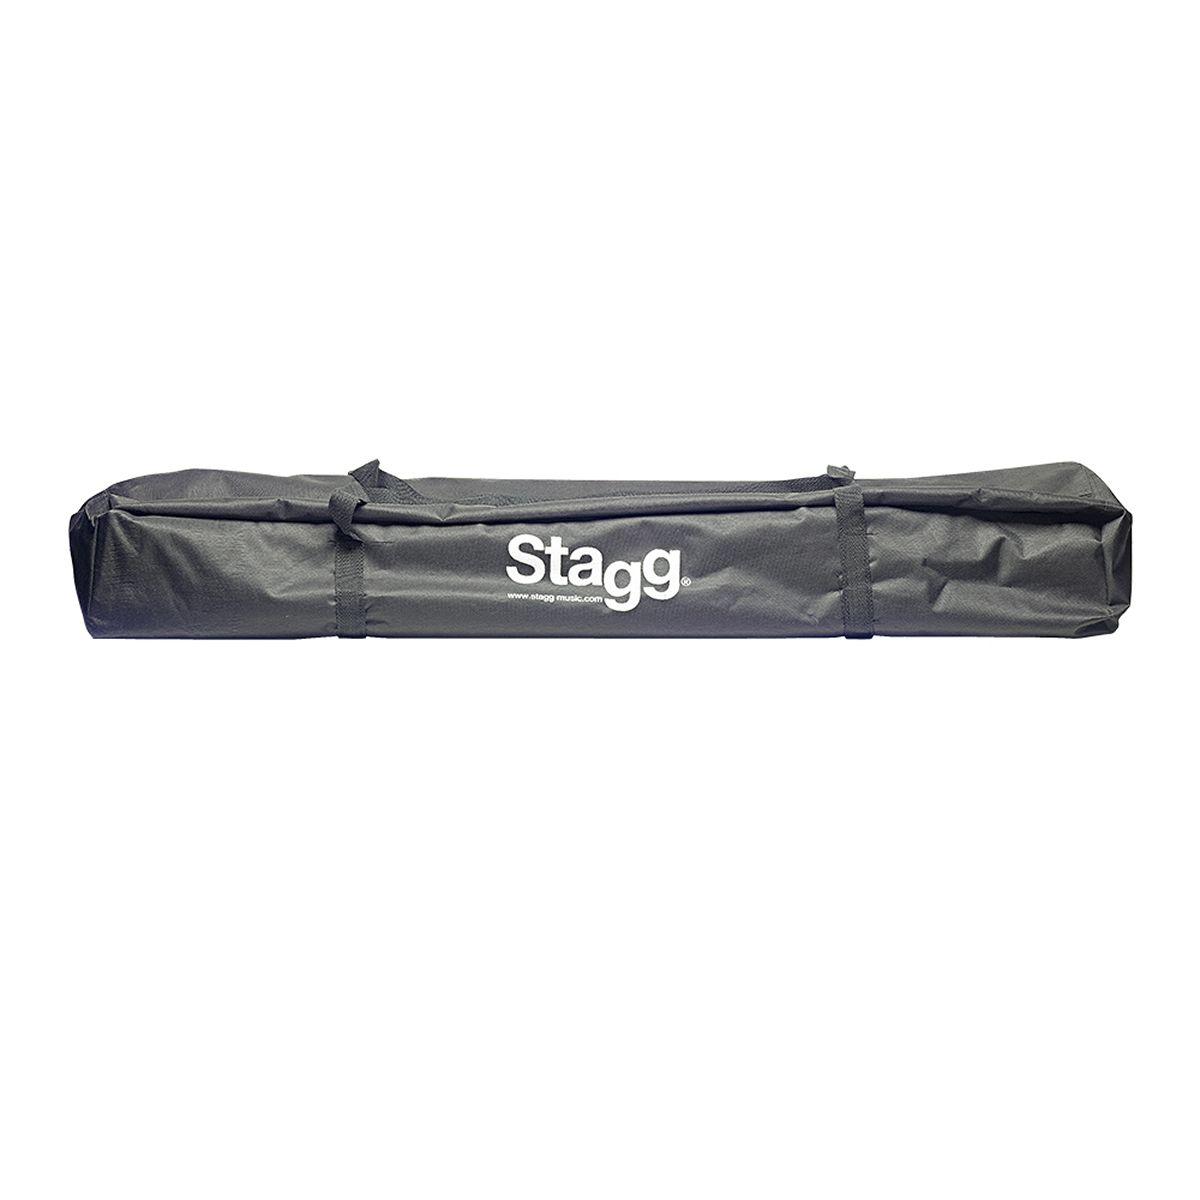 Par de Tripés com Bag para Caixa Stagg SPS0620 BK SET